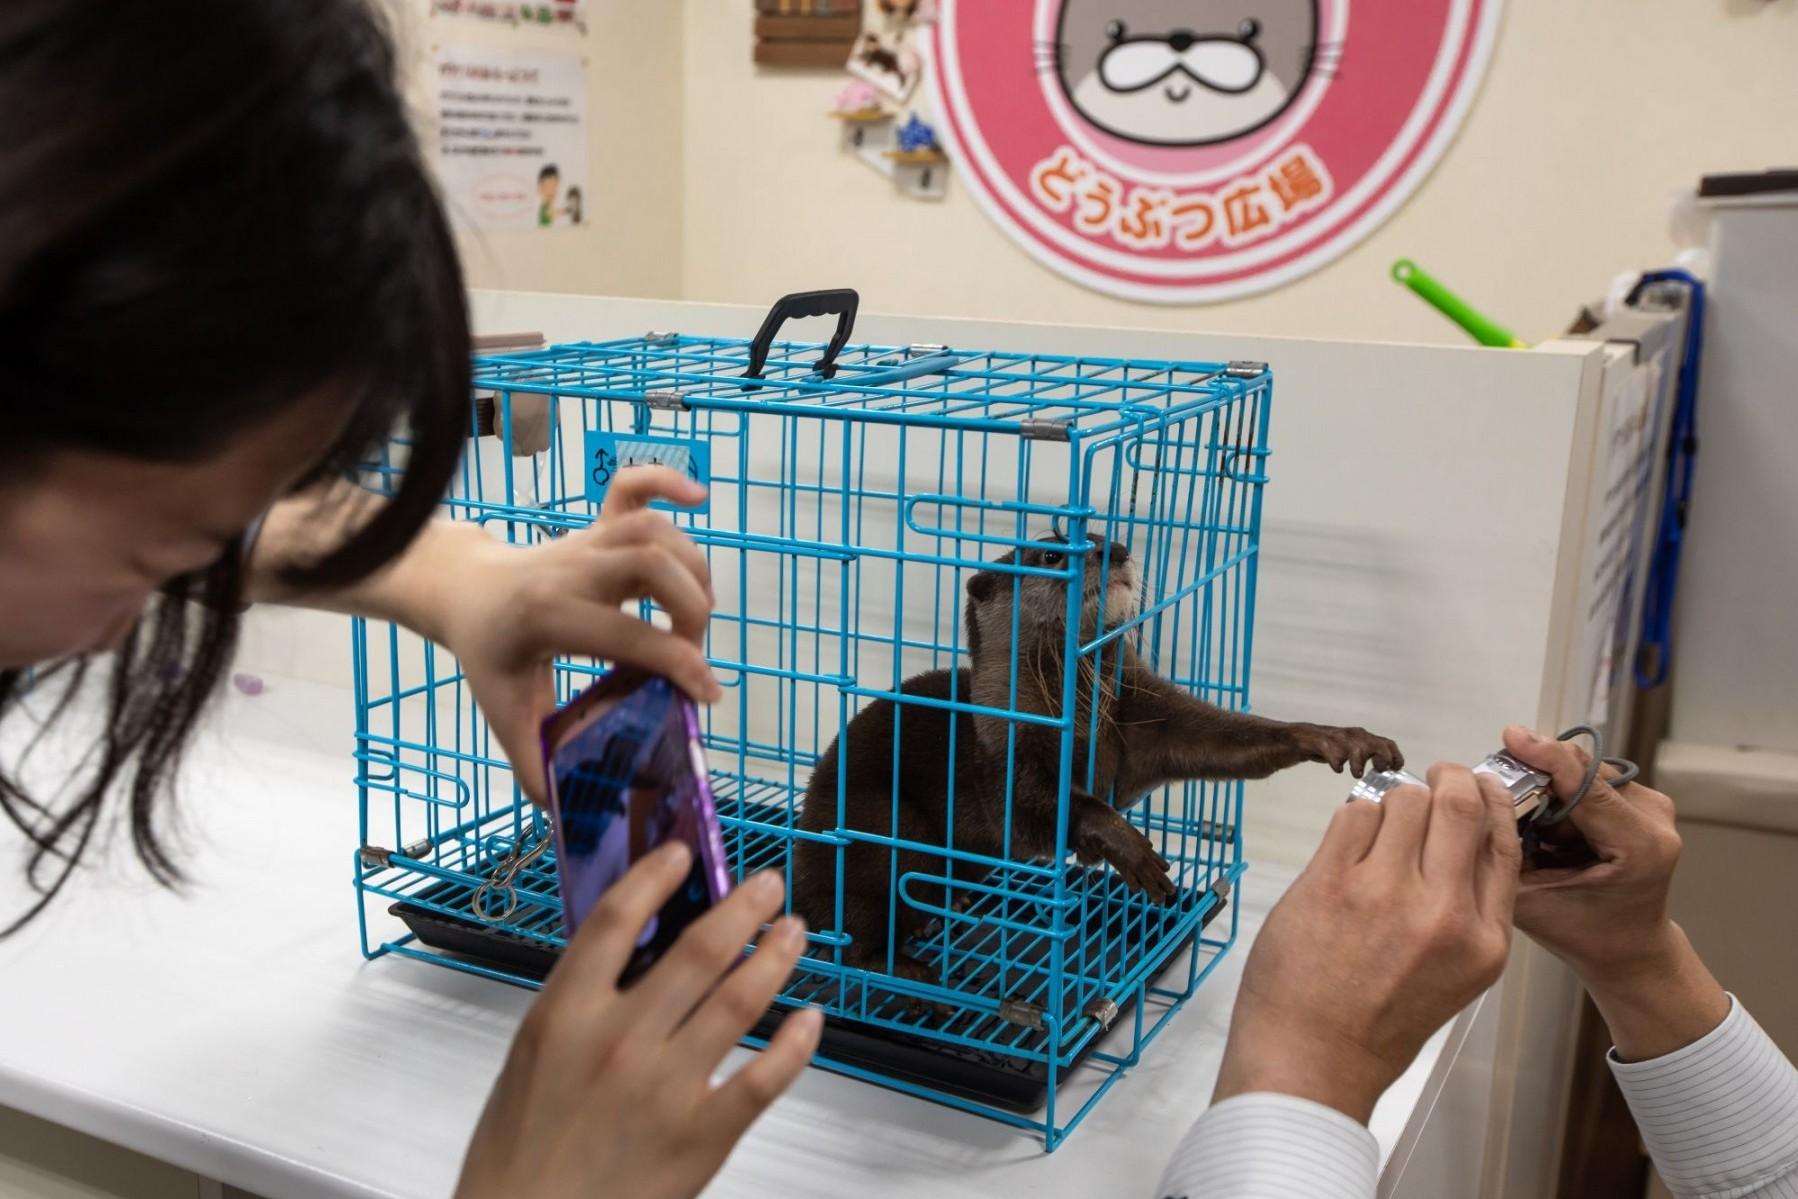 Otter, Japan